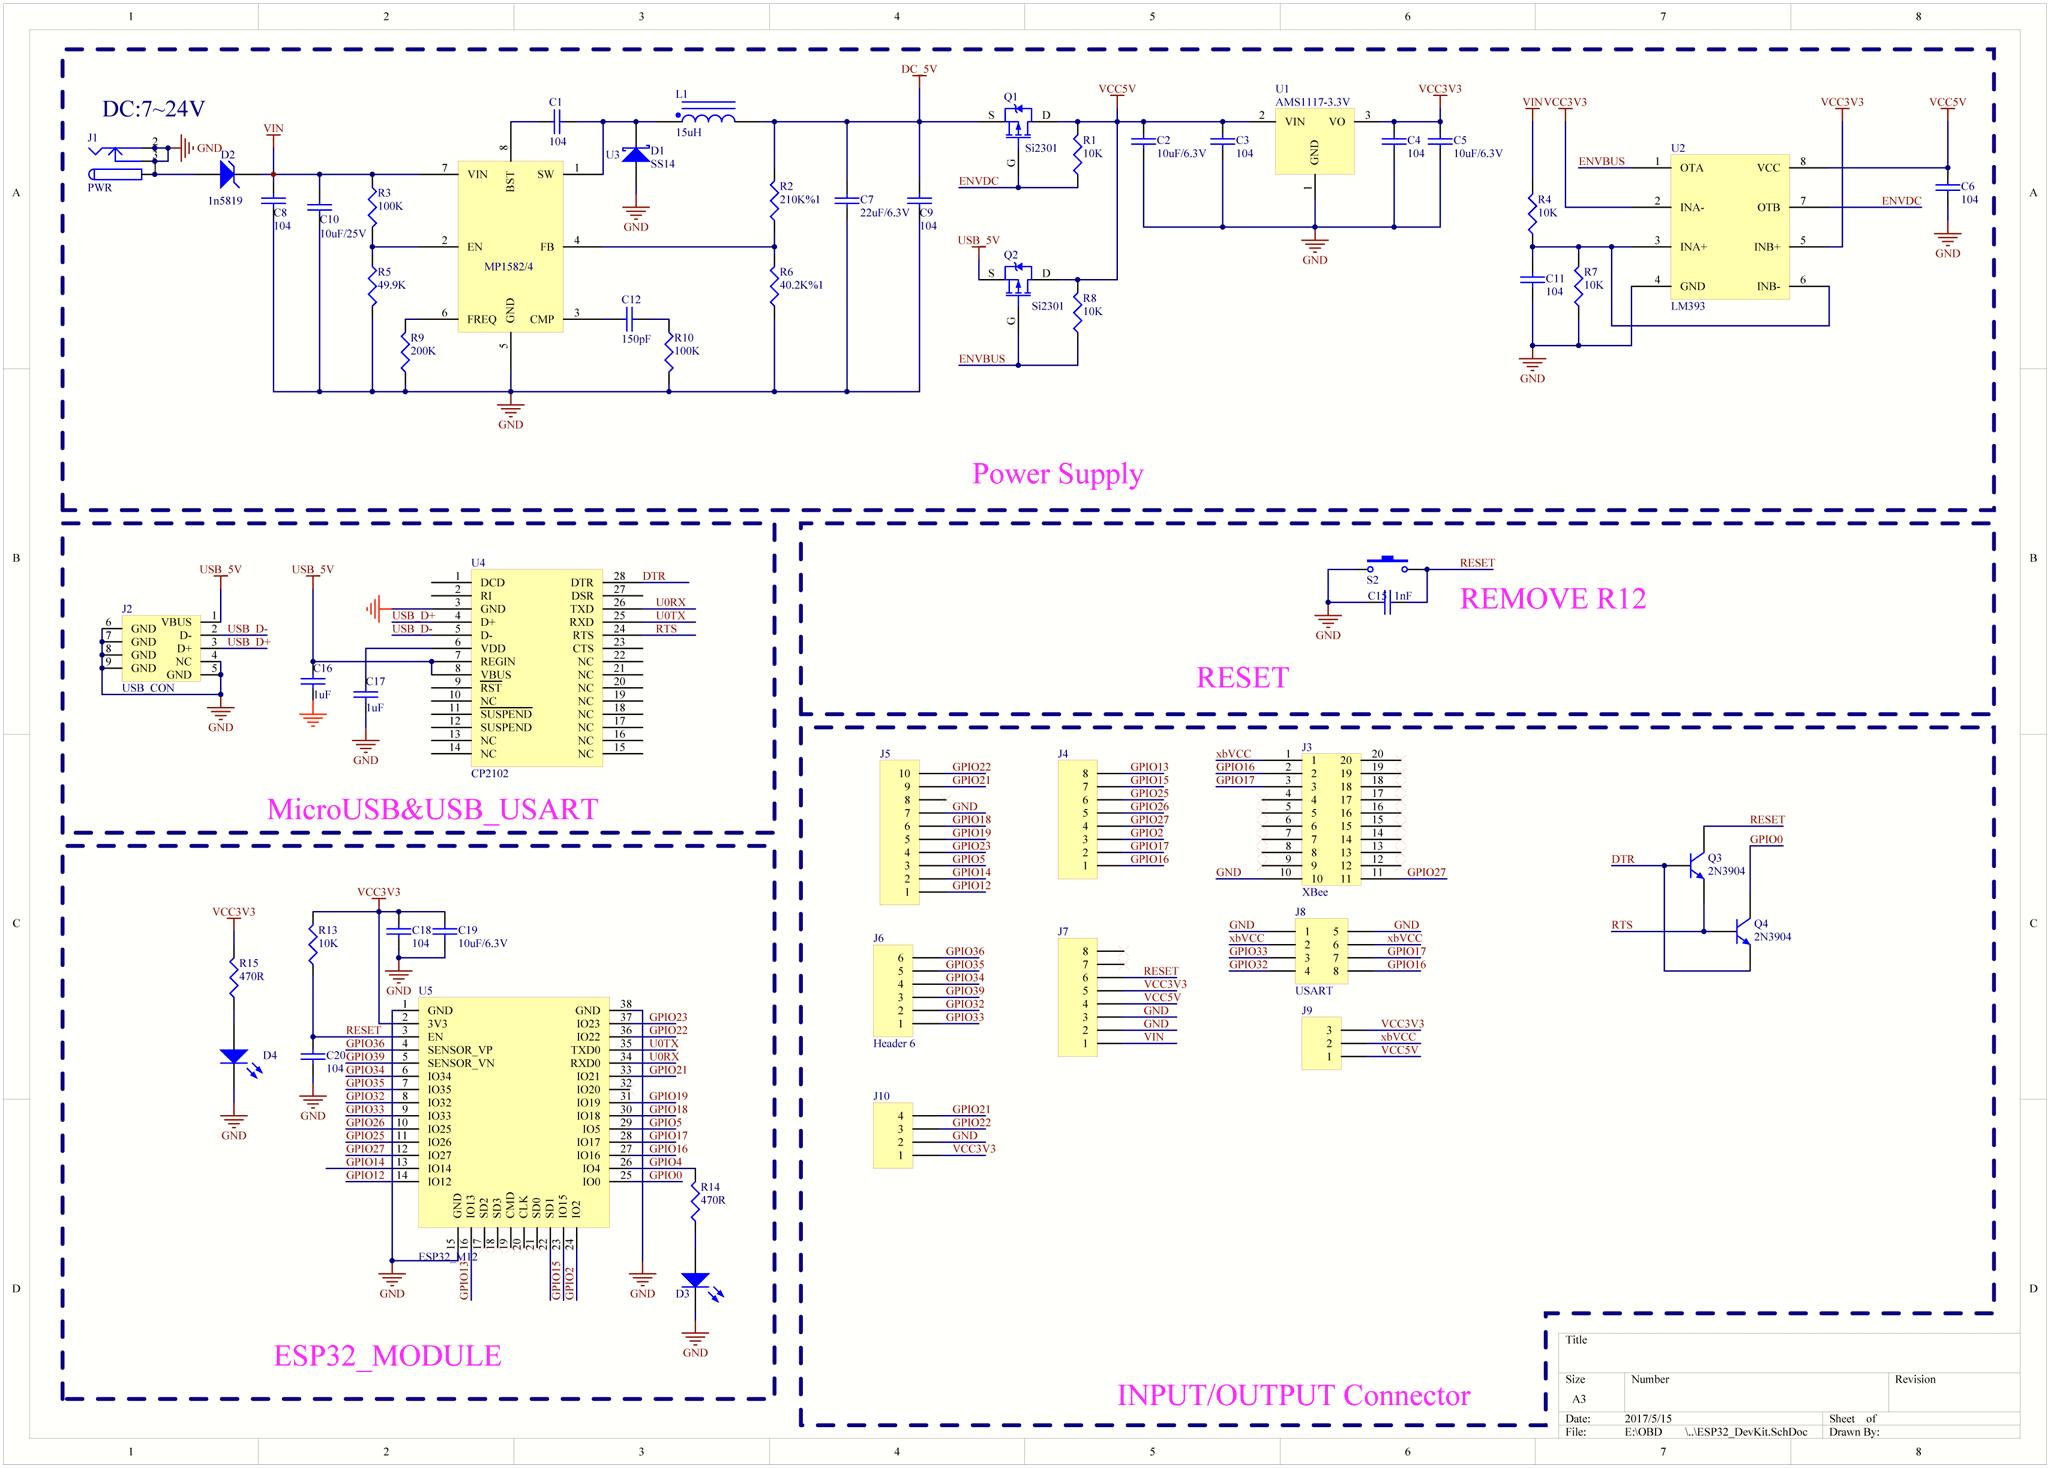 Freematics Esprit - Arduino Dev Board with Cellular/WiFi/Bluetooth